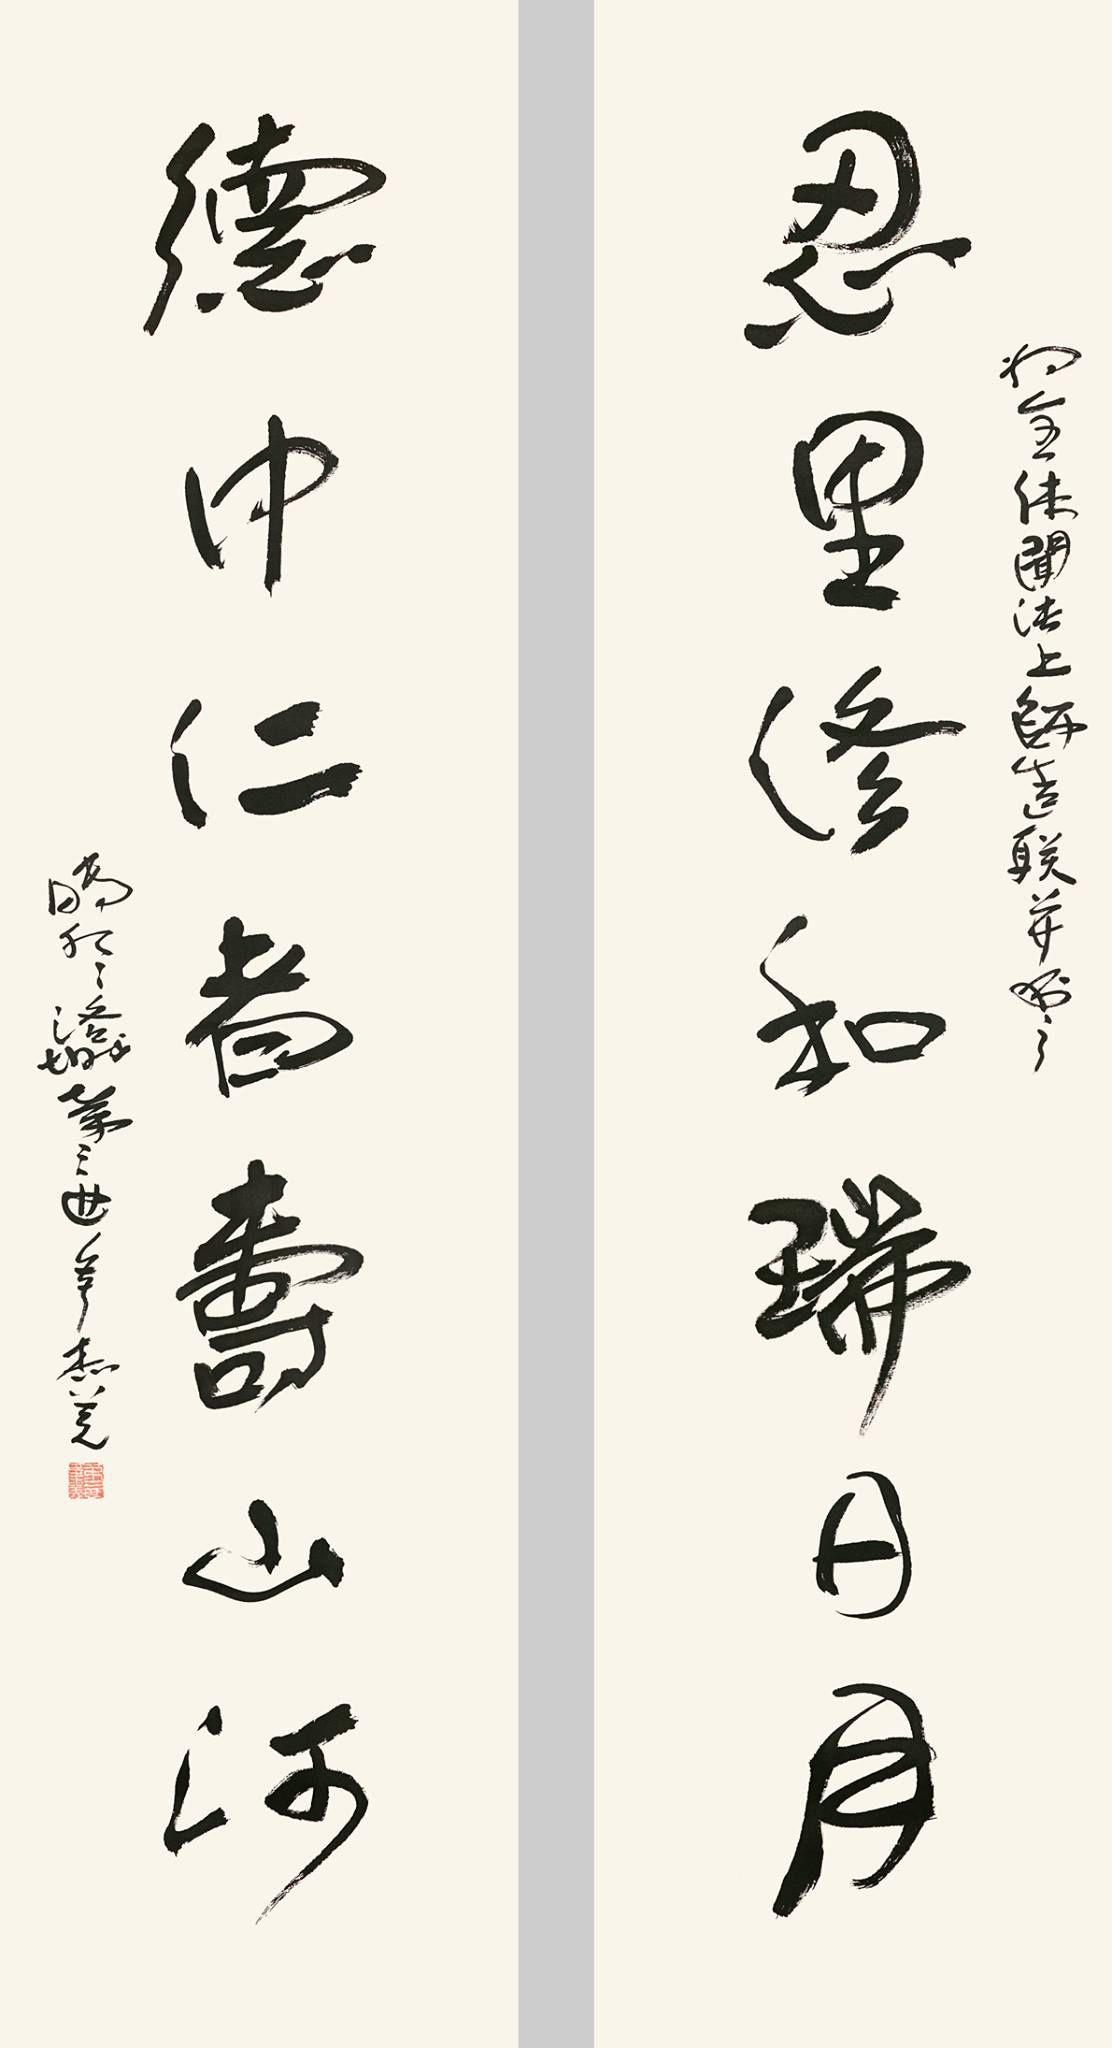 H.H.第三世多杰羌佛作品:《忍裏修和瑞日月 德中仁者壽山河》